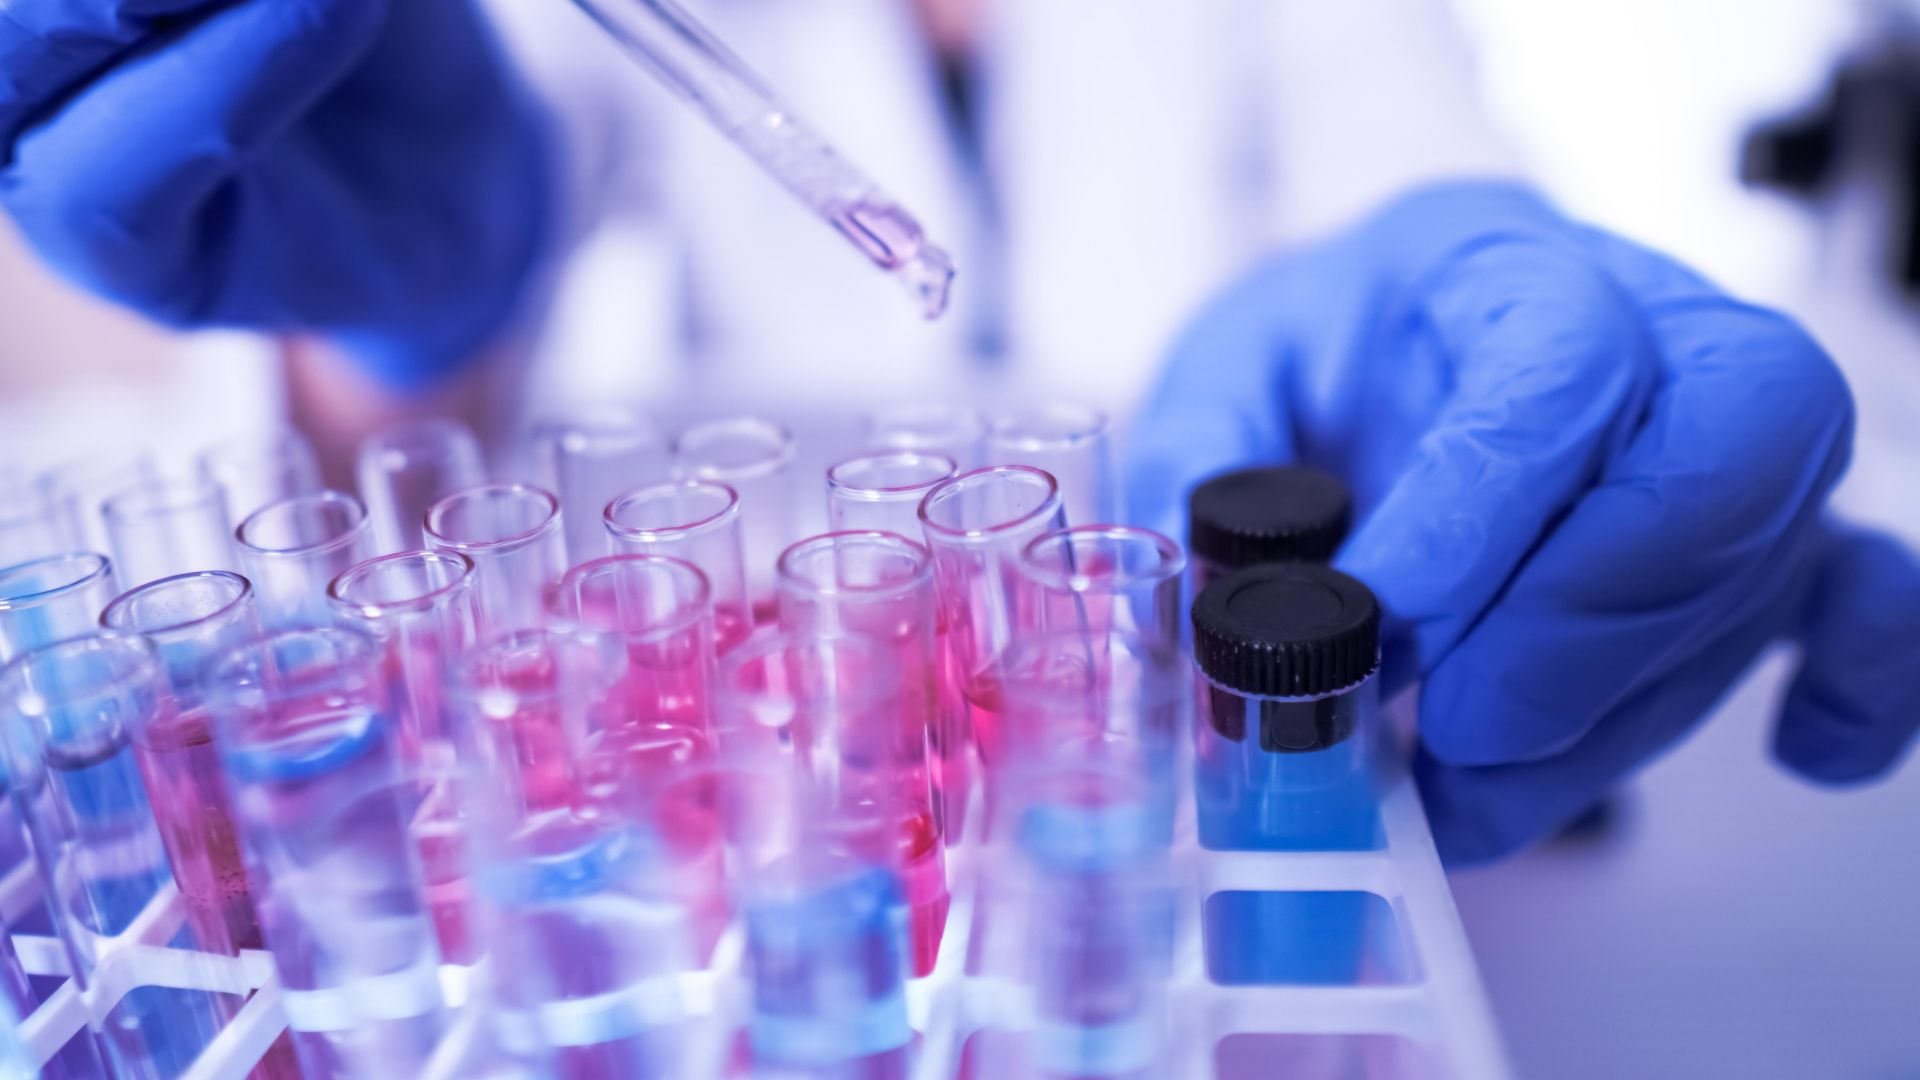 Български учени започват производство на препарати срещу Ковид-19